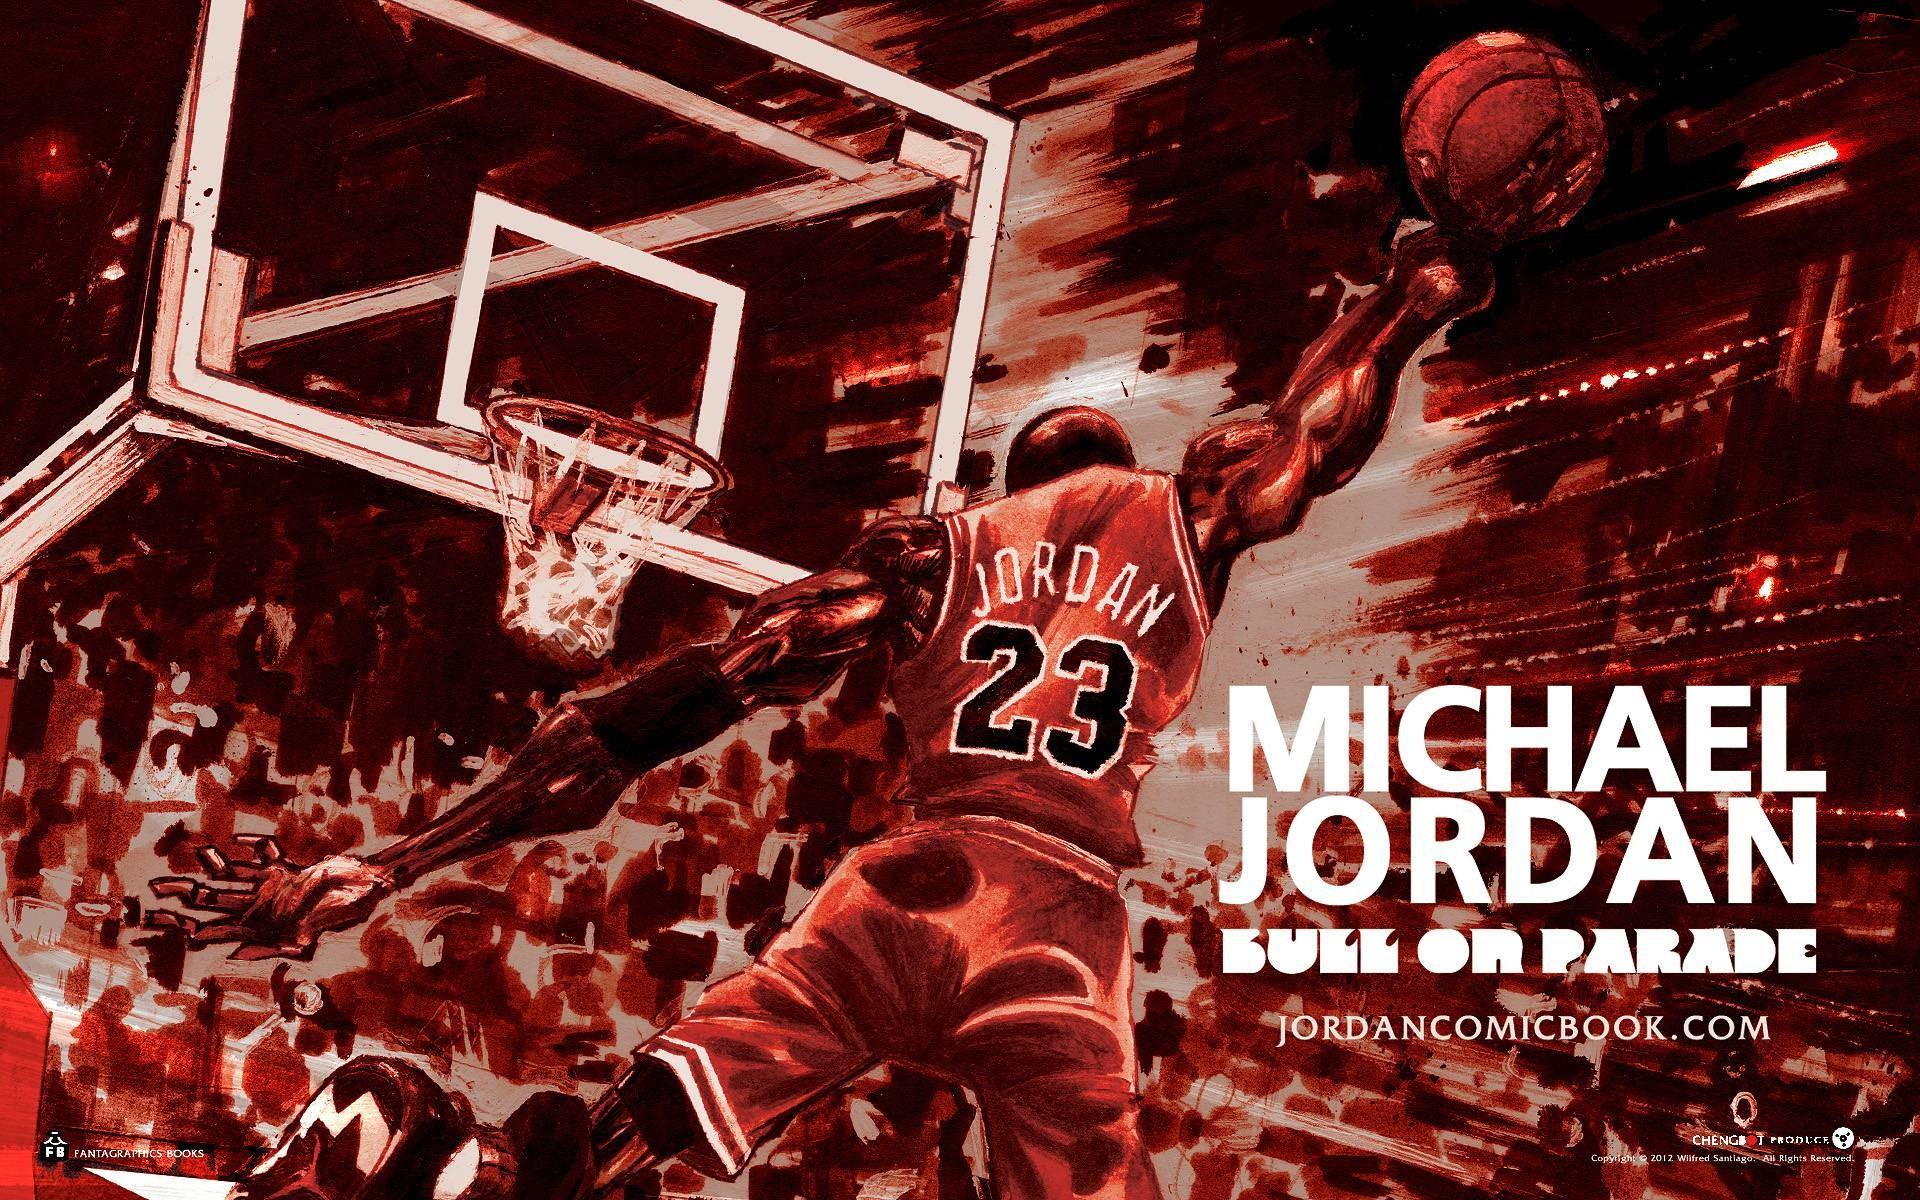 124 Michael Jordan Dunk